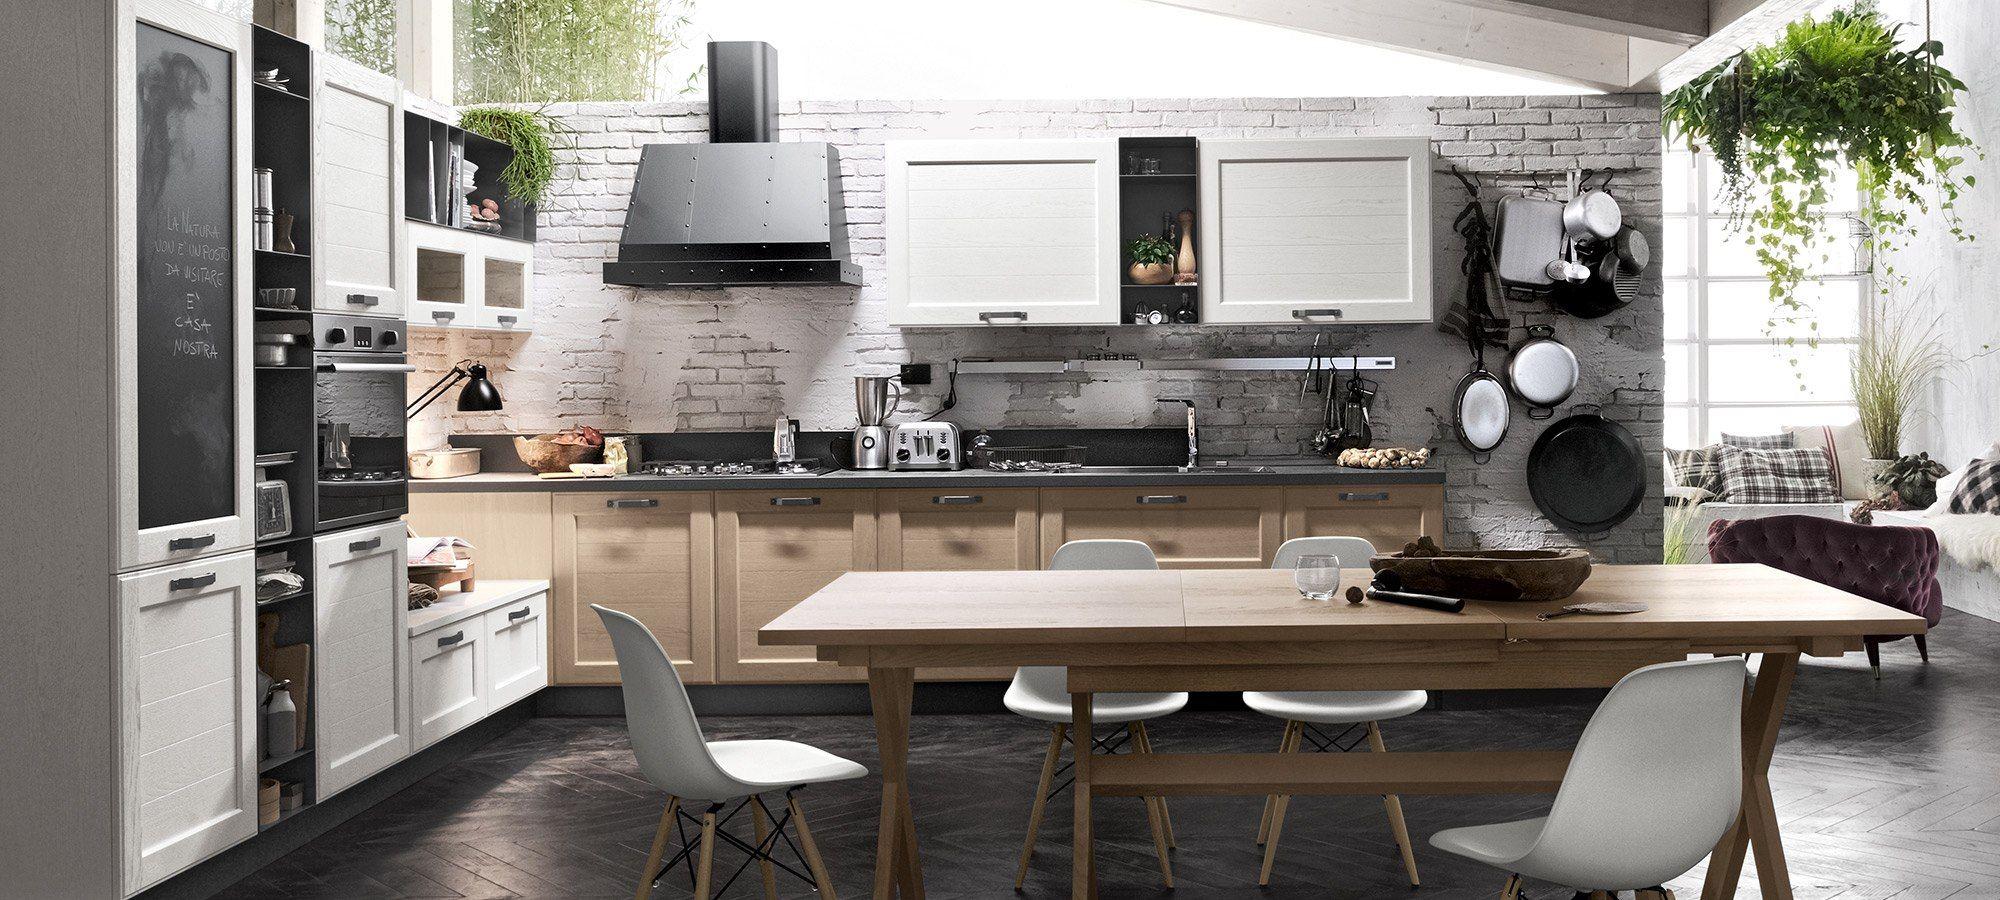 cucine moderne contemporanee stosa - modello cucina york 01 ...